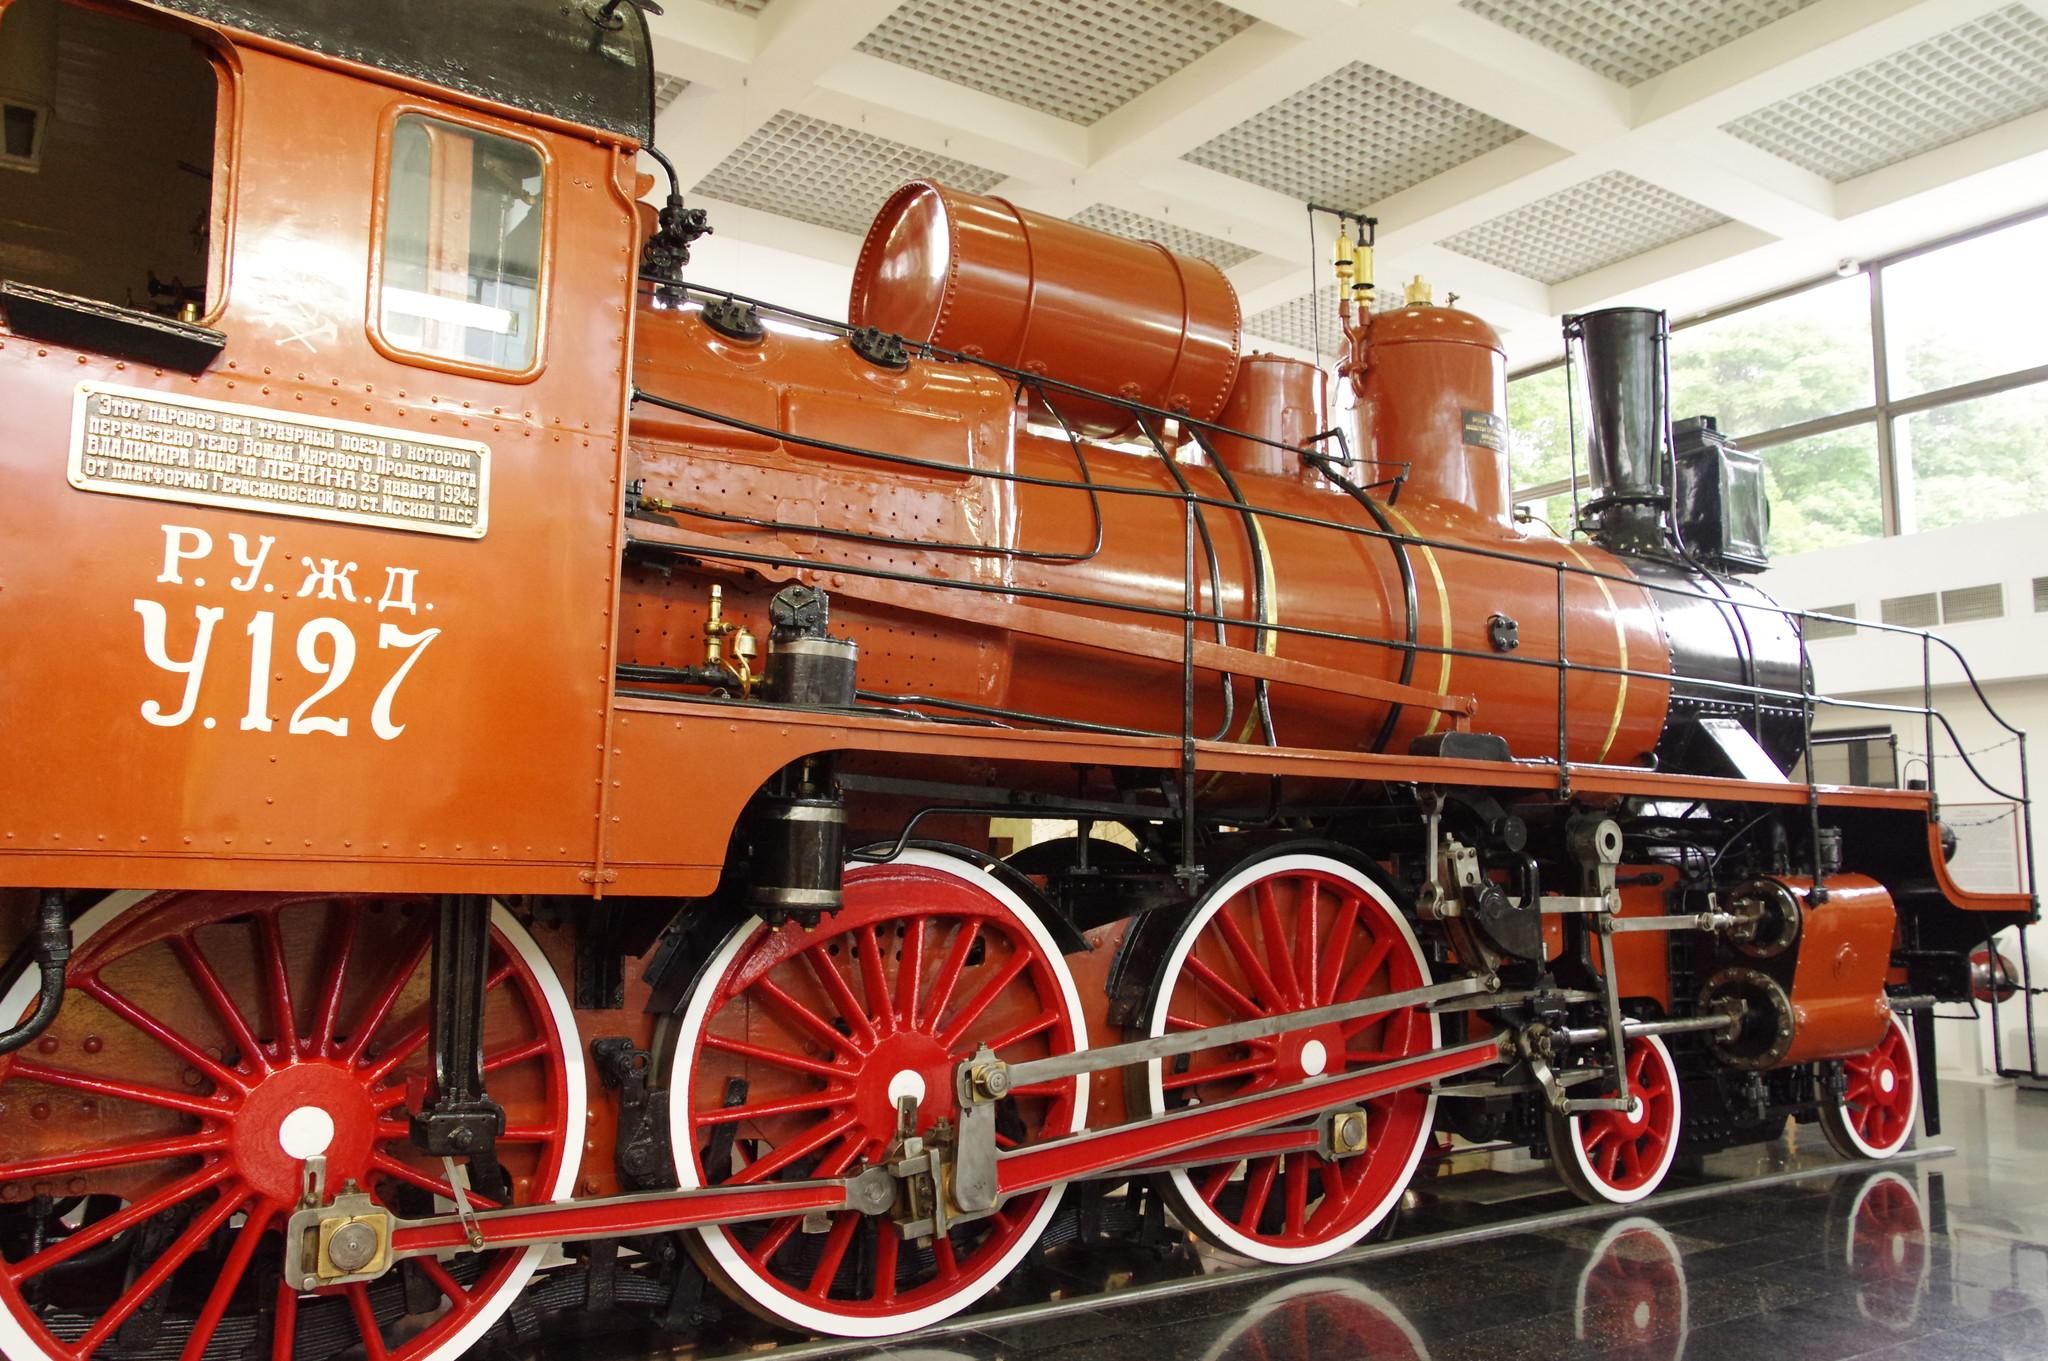 «Траурный поезд В.И. Ленина» (паровоз У127), который 23 января 1924 года доставил тело В.И. Ленина в Москву